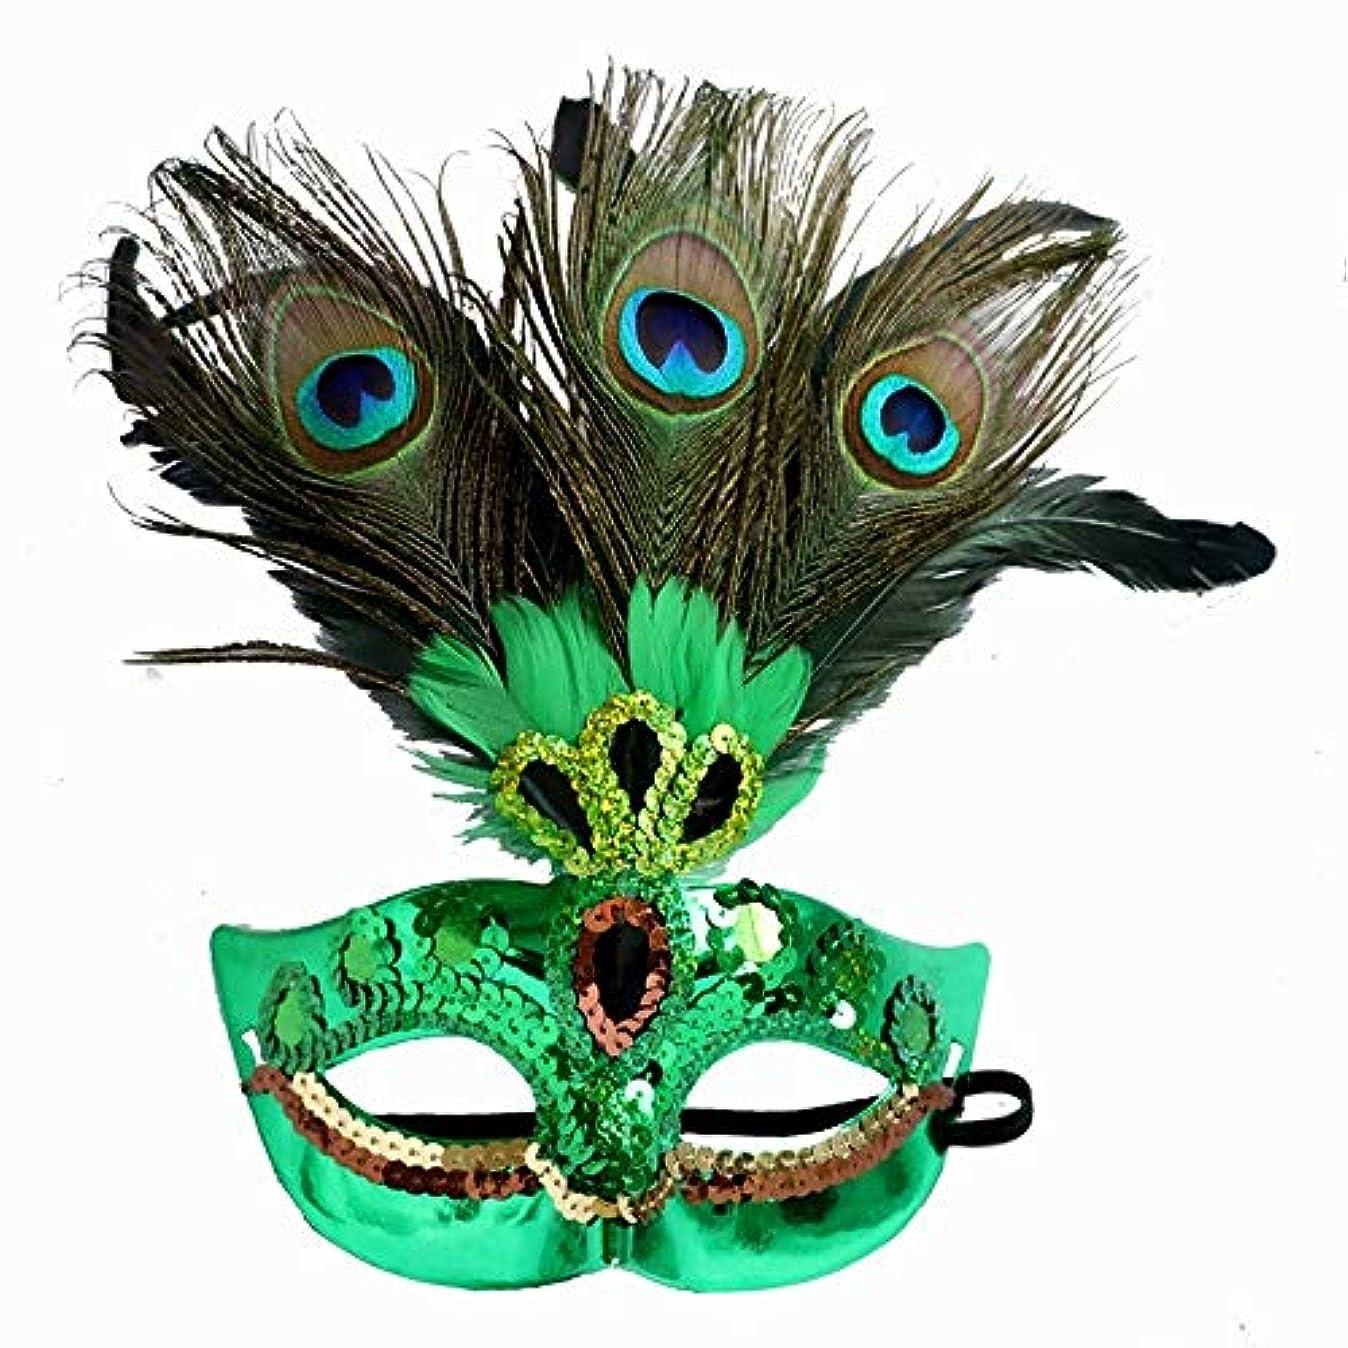 送ったカルシウム含意ダンスマスク 仮面舞踏会マスククジャクの羽パーティー衣装ハロウィンマスクボール目猫女性マスクハーフマスク ホリデーパーティー用品 (色 : 緑, サイズ : 18x25cm)